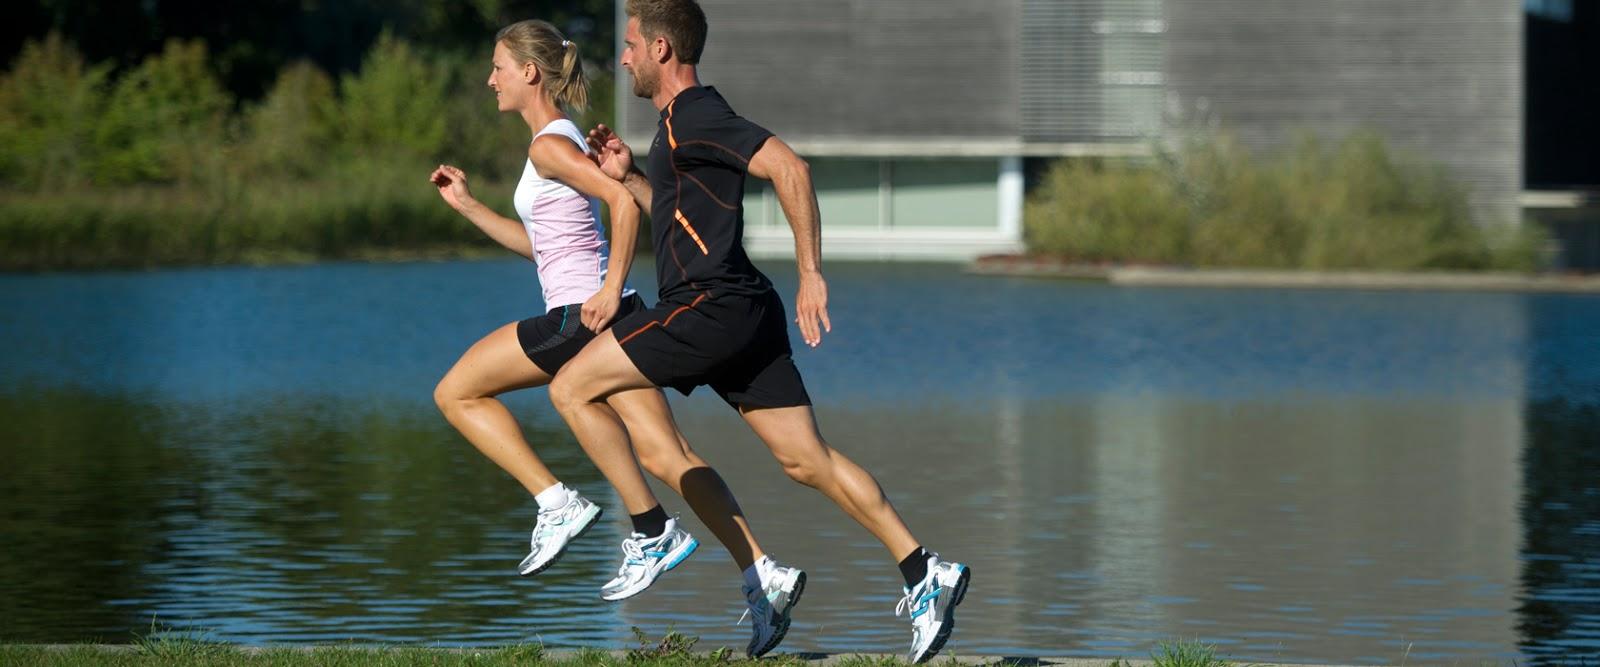 La postura correcta del cuerpo en la carrera